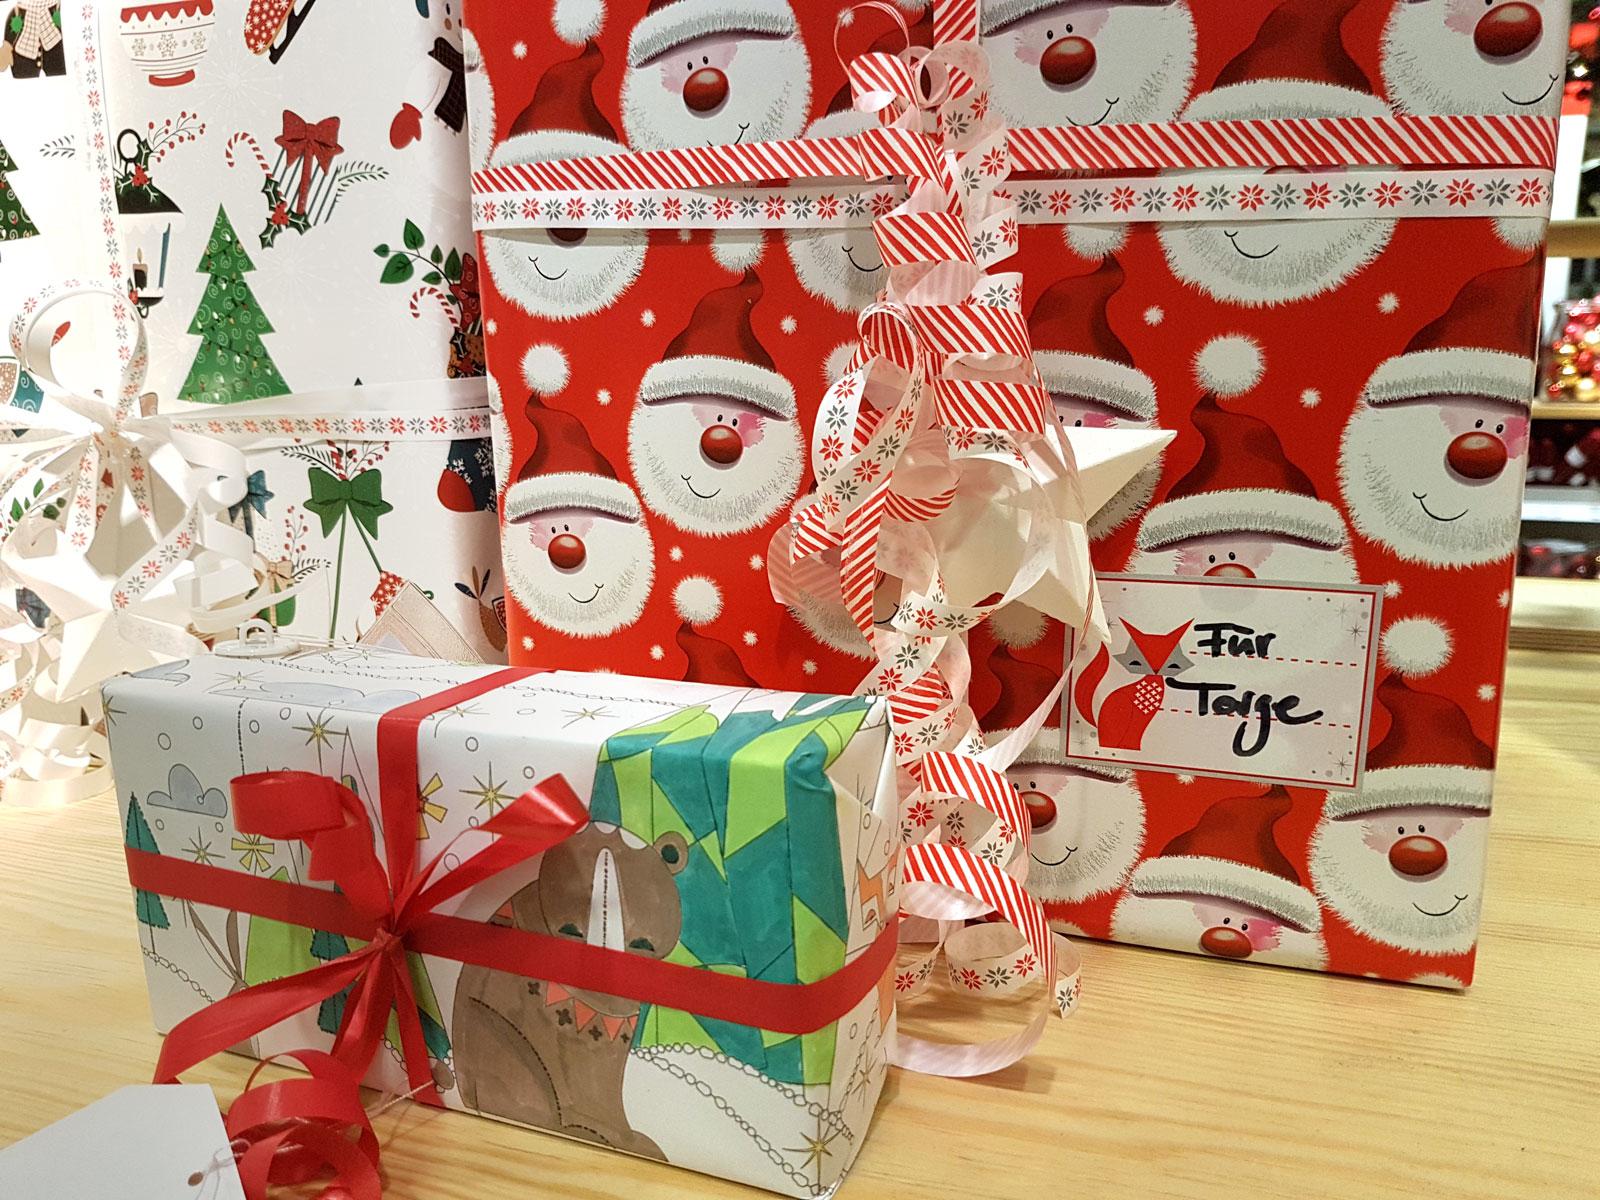 Tipps Weihnachtsgeschenke.Weihnachtsgeschenke Von Rameder Für Alltag Und Hobby Rameder Magazin